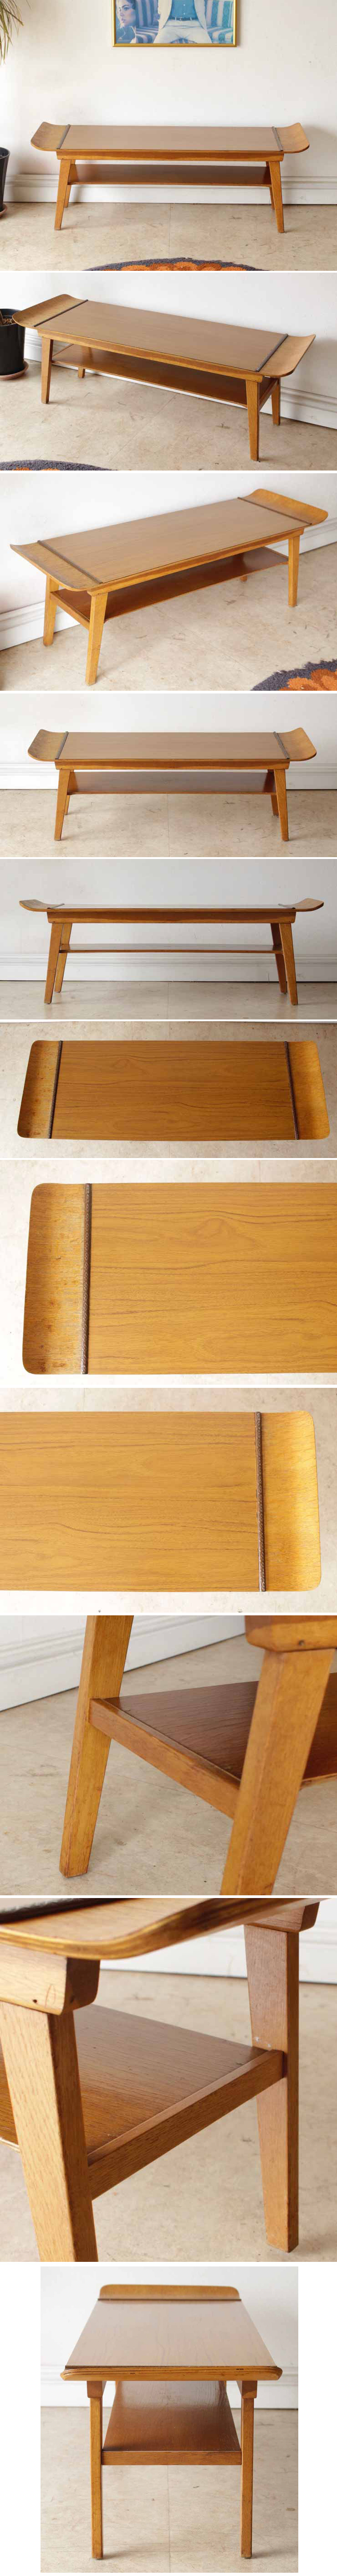 イギリス製・MYER社製/ビンテージ・コーヒーテーブル・センターテーブル/Formica・フォーマイカ